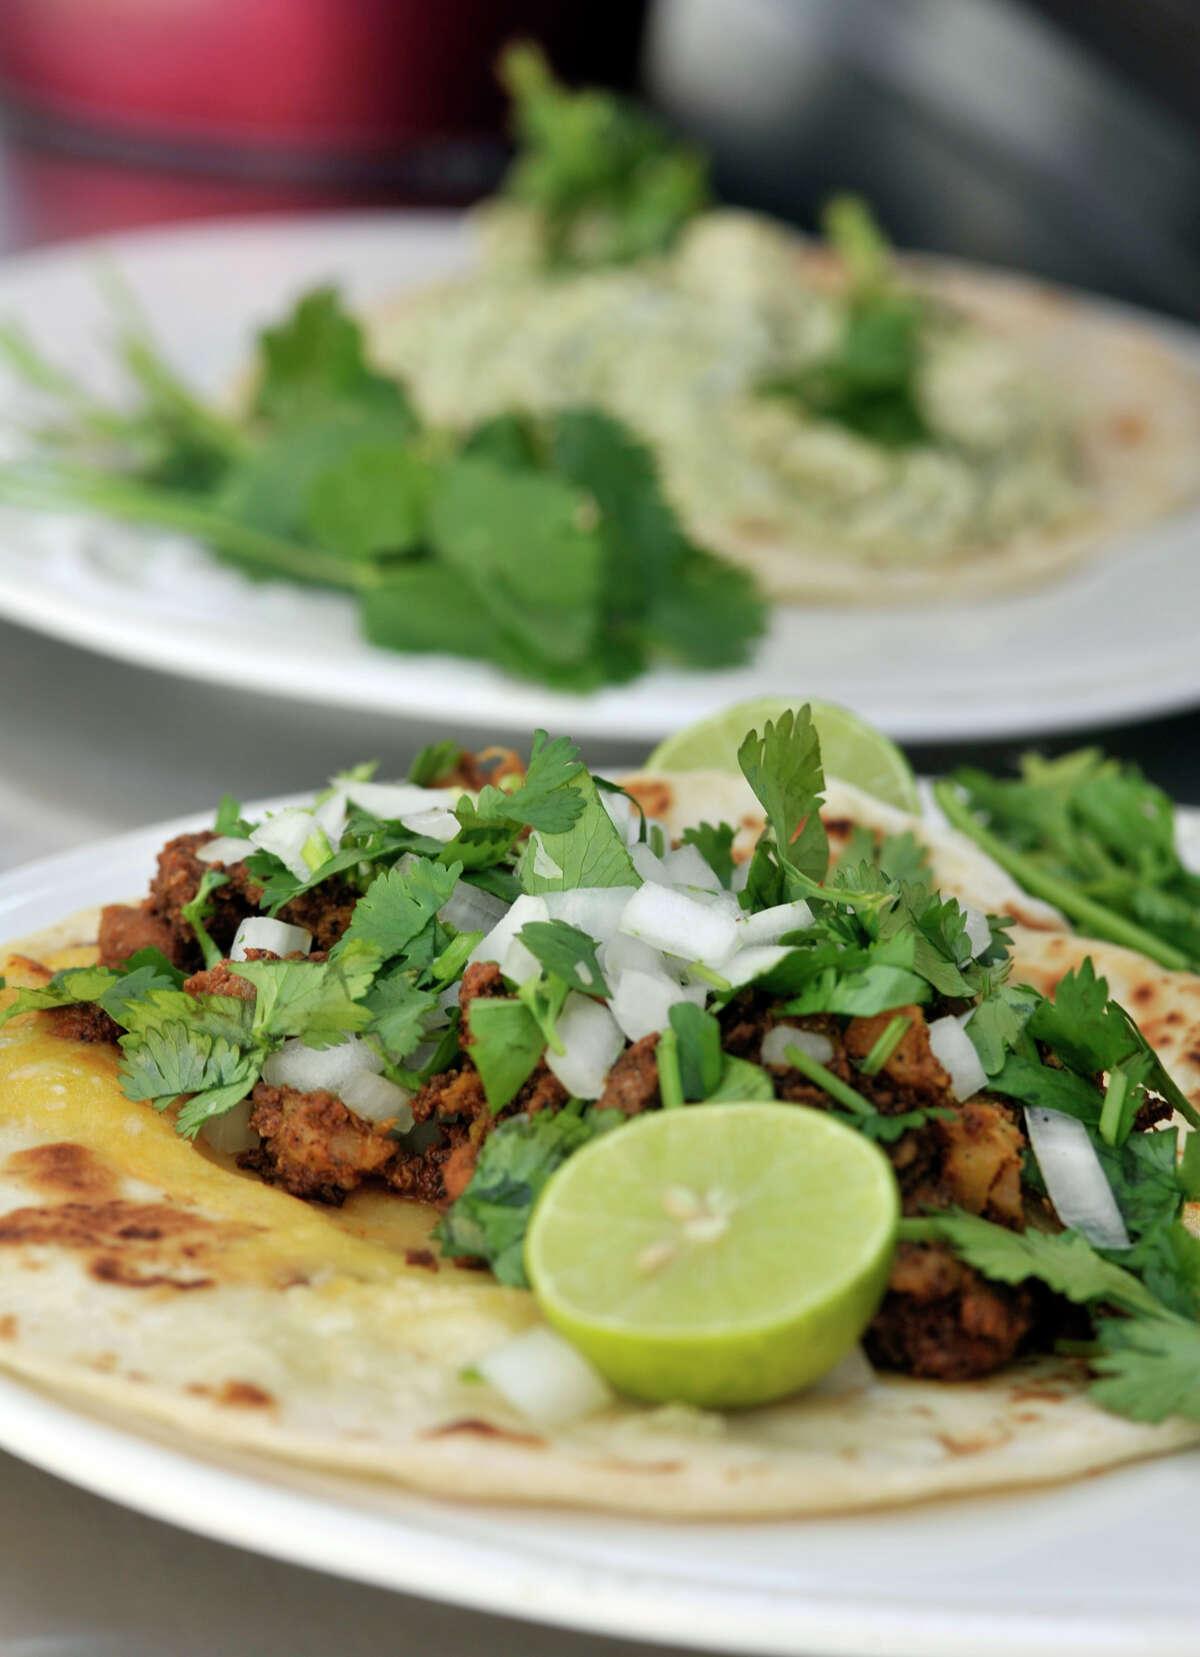 Chela's Tacos , 14530 Roadrunner Way - Chicken Al Cilantro